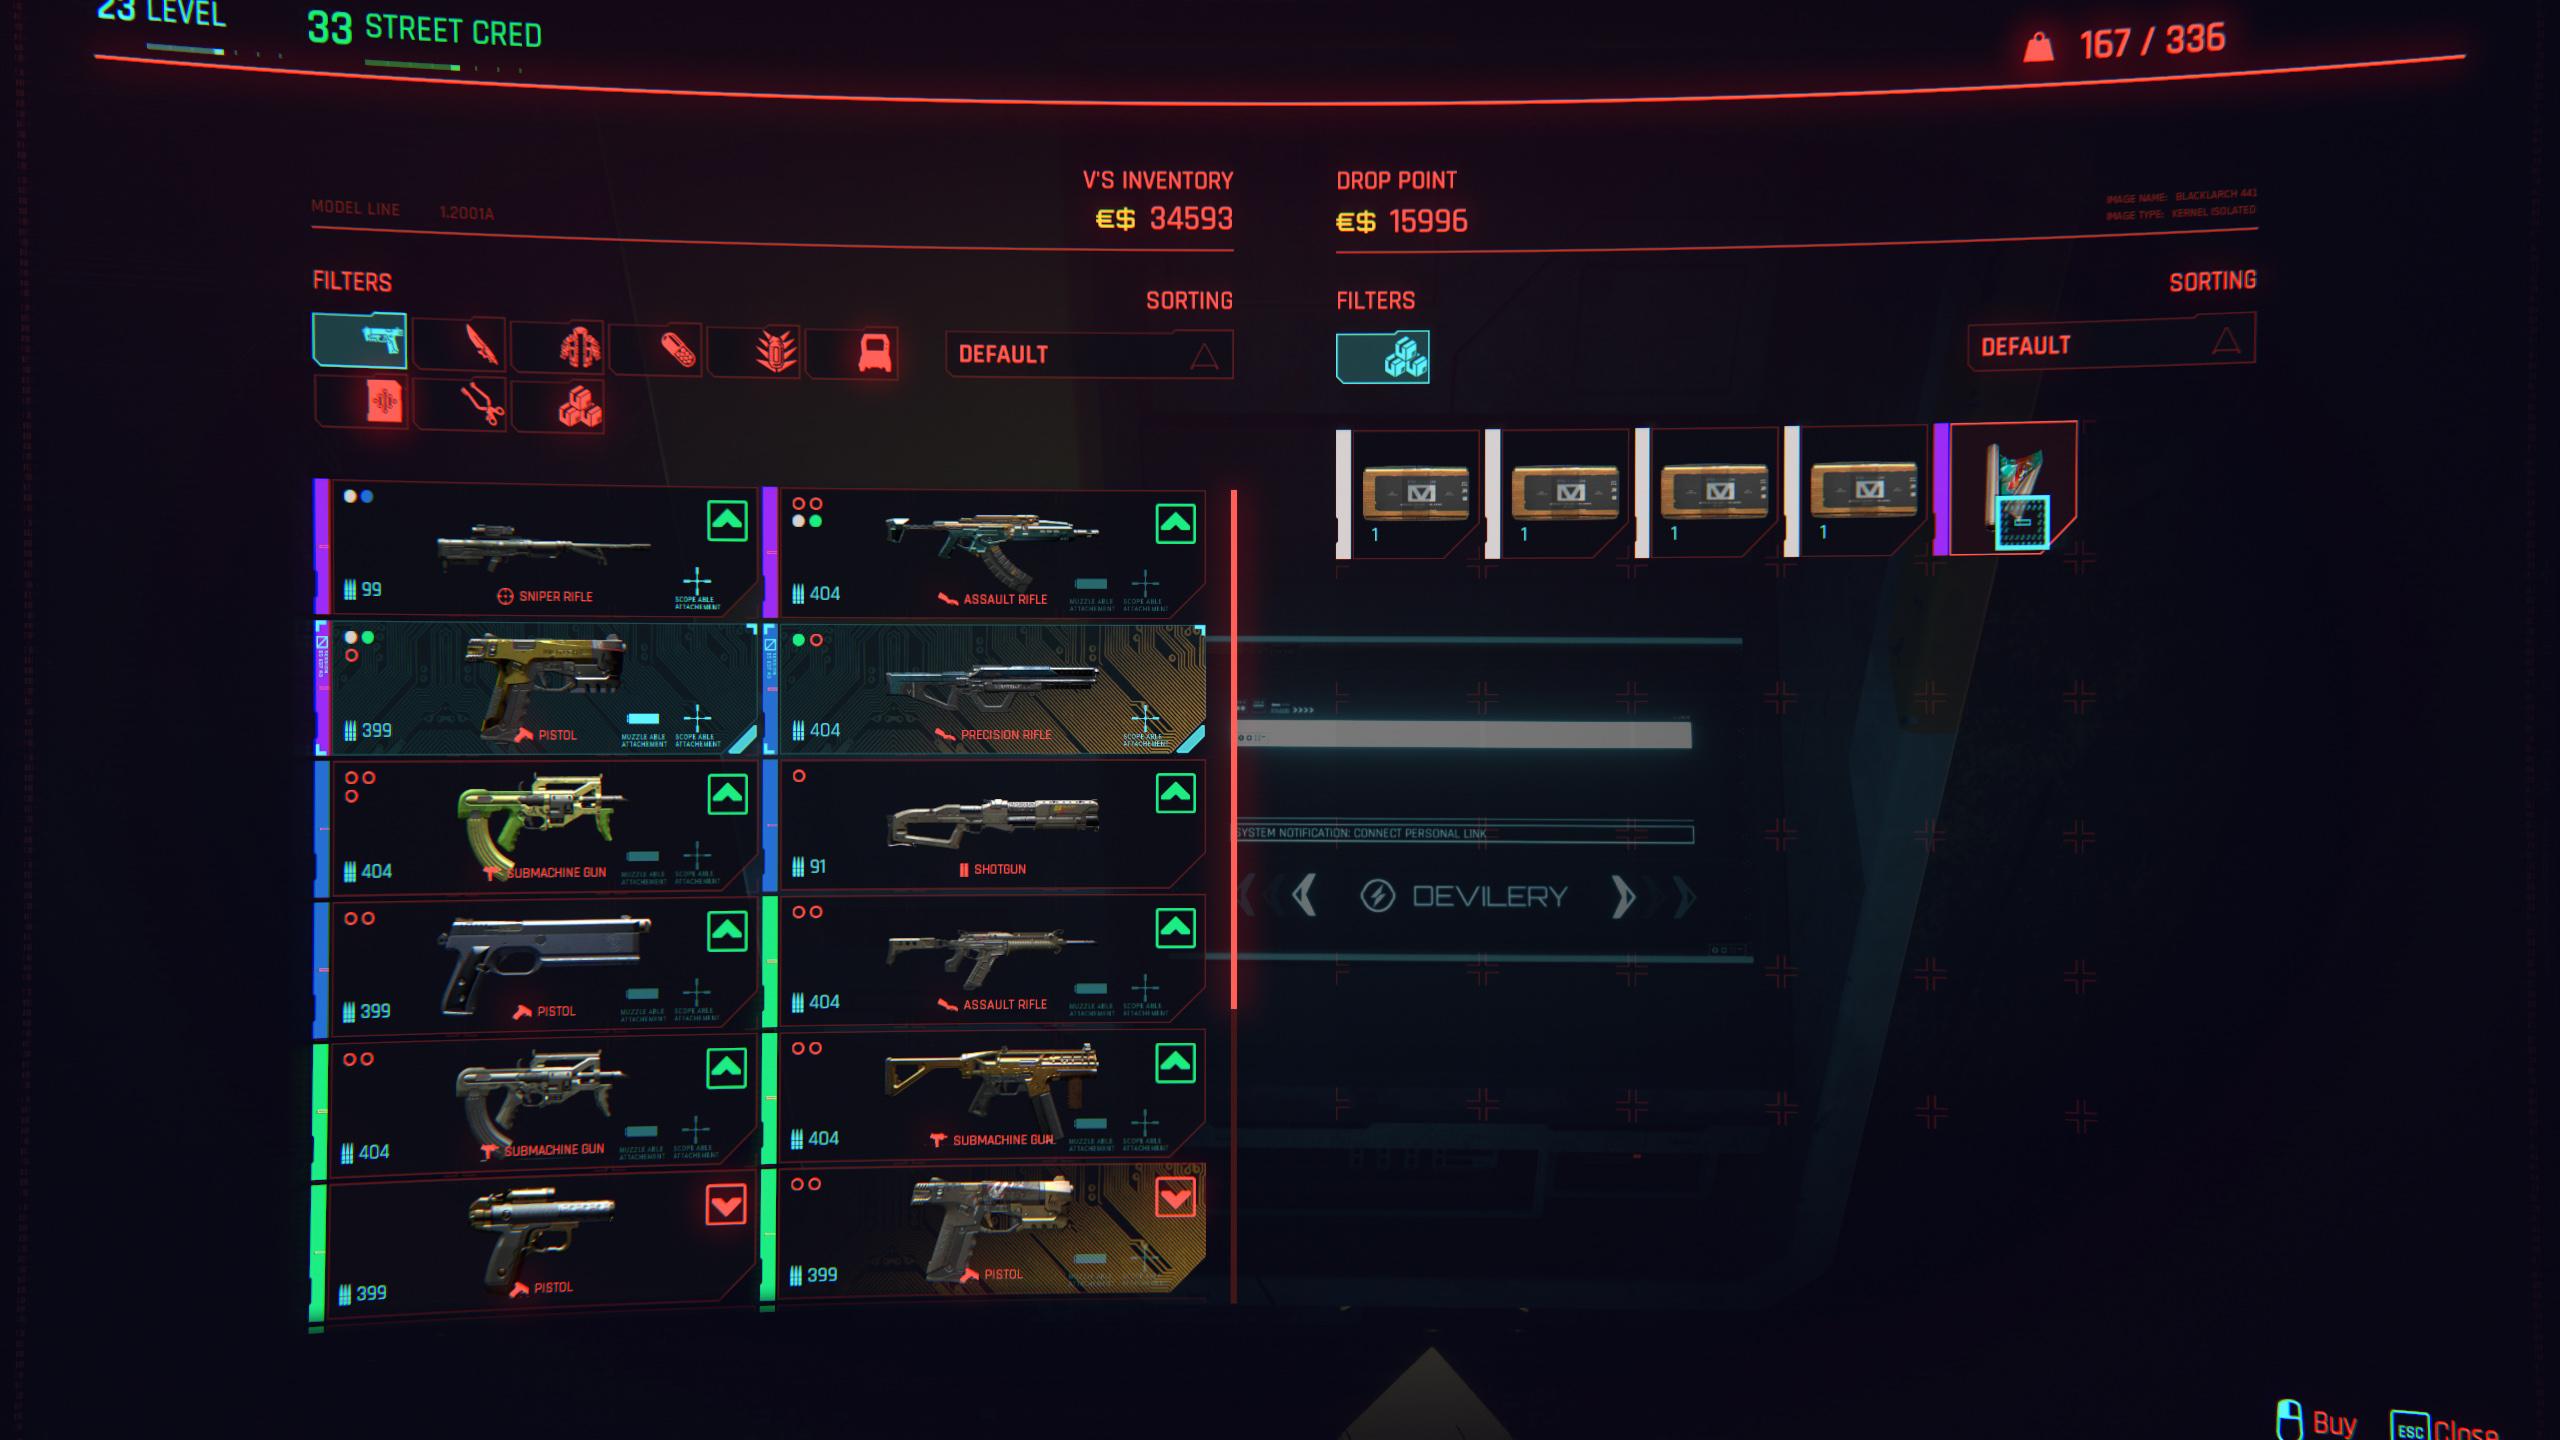 cyberpunk 2077 money glitch - duplicate item screen